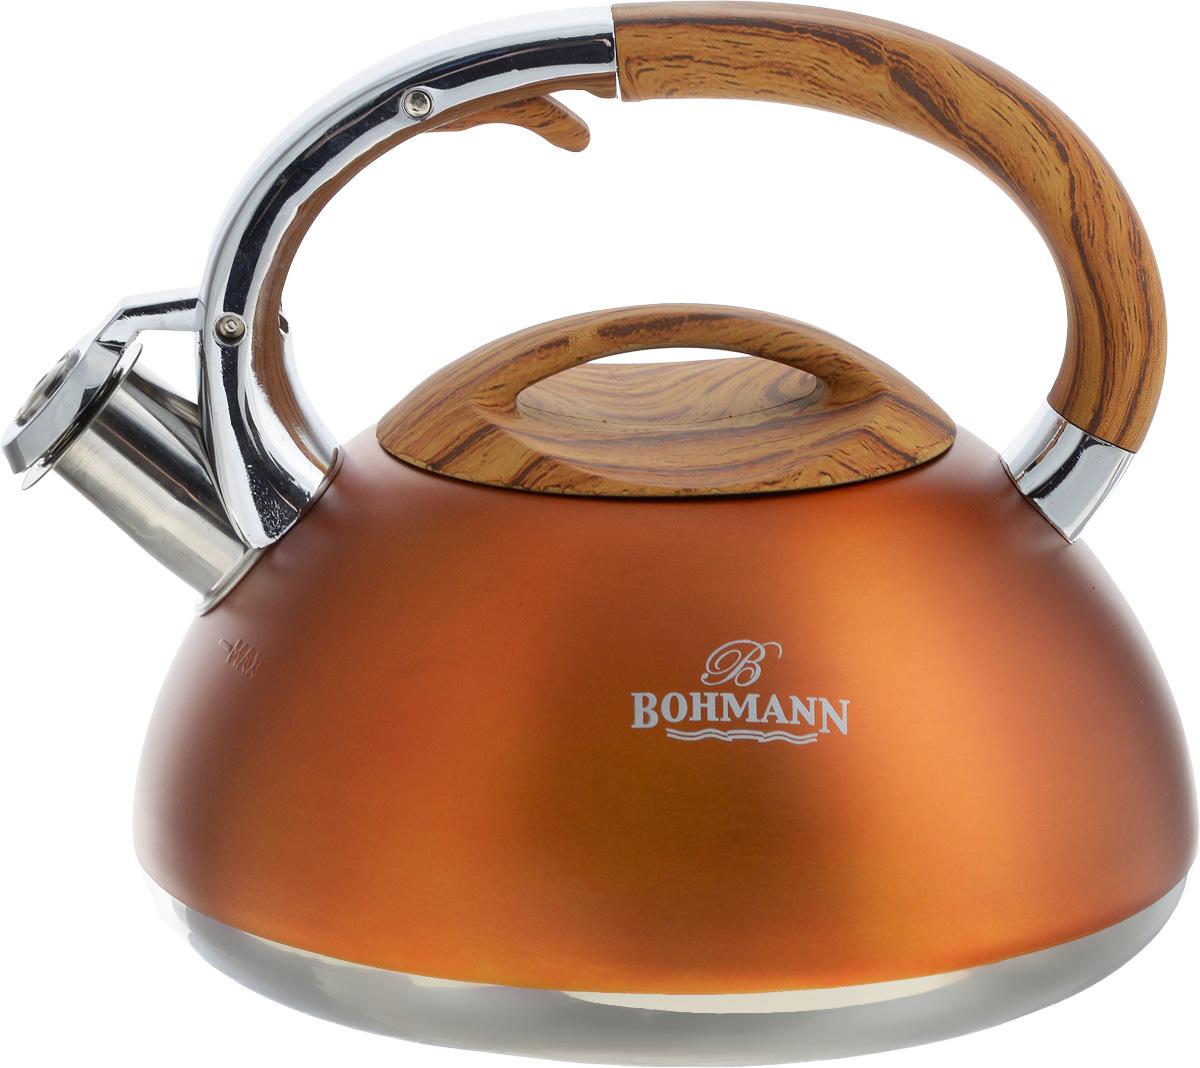 Чайник Bohmann, со свистком, 3 л. BH-9959115510Чайник Bohmann выполнен из высококачественной нержавеющей стали, что делает его весьма гигиеничным и устойчивым к износу при длительном использовании. Носик чайника оснащен насадкой-свистком, что позволит вам контролировать процесс подогрева или кипячения воды. Чайник снабжен стальной крышкой и эргономичной ручкой с бакелитовой вставкой.Эстетичный и функциональный чайник будет оригинально смотреться в любом интерьере.Подходит для всех типов плит, кроме индукционных. Можно мыть в посудомоечной машине. Высота чайника (с учетом ручки и крышки): 20 см.Диаметр чайника (по верхнему краю): 11 см.Диаметр дна: 16 см.